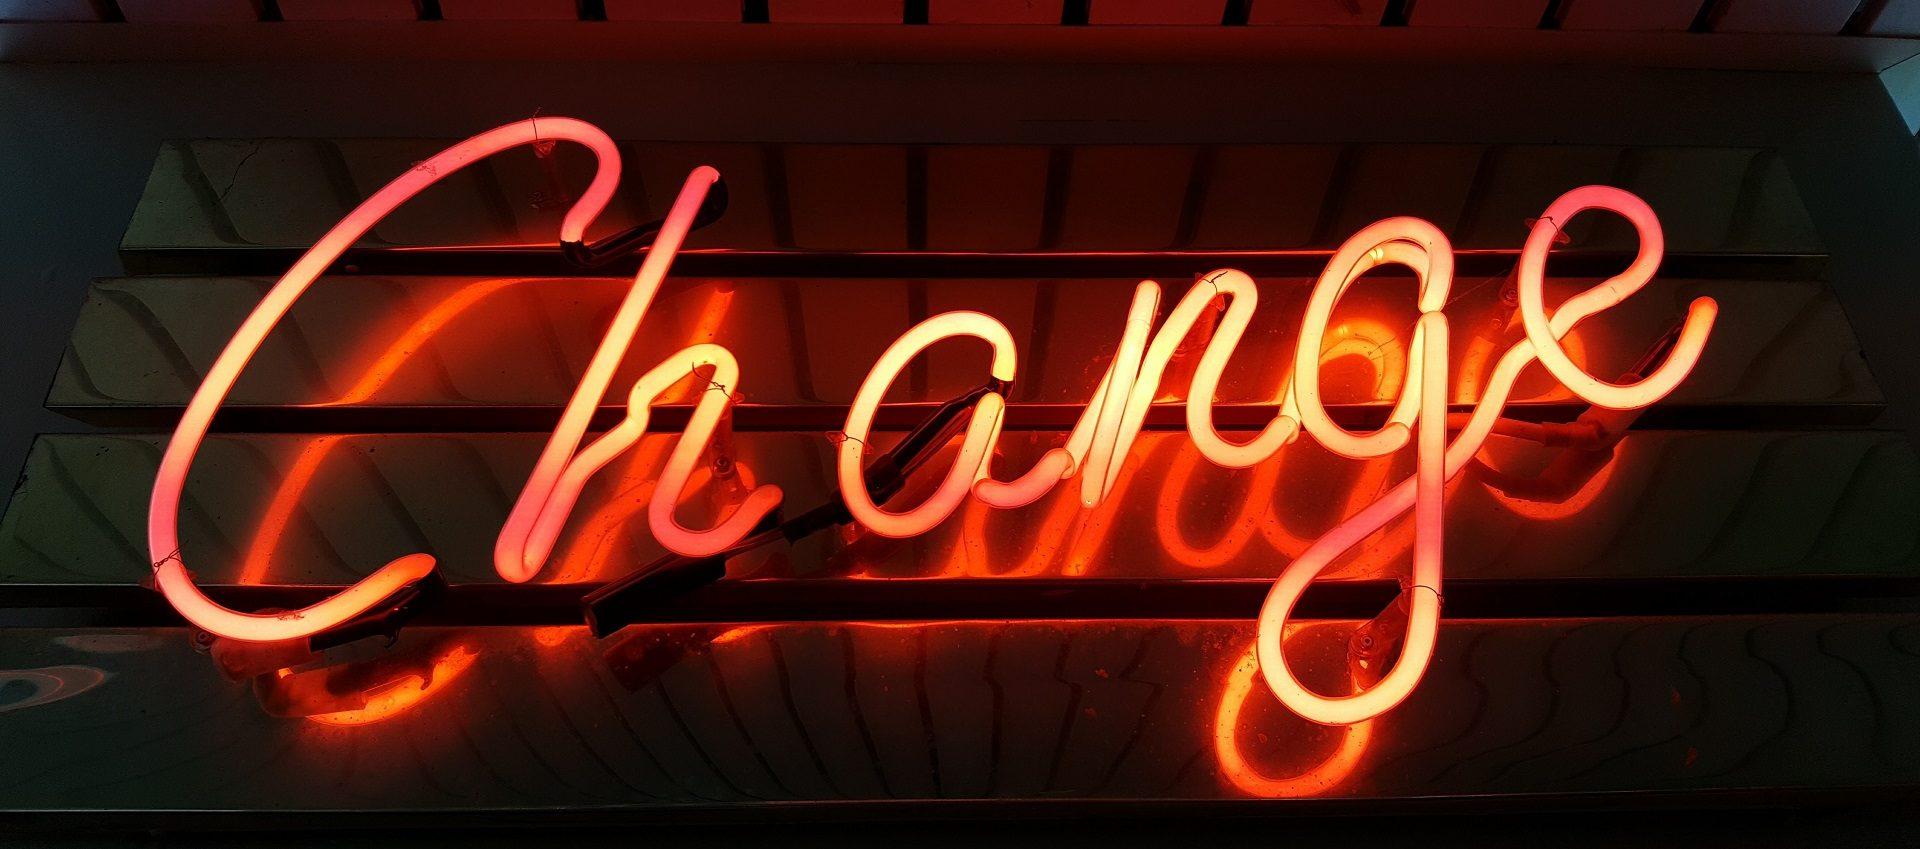 dokonać zmiany, jak dokonać zmiany, kiedy dokonać zmiany, Jak dokonać zmiany, gdy nie ma na nią czasu, dokonanie zmiany, dokonana zmiana, po co dokonać zmiany, jak łatwo dokonać zmiany